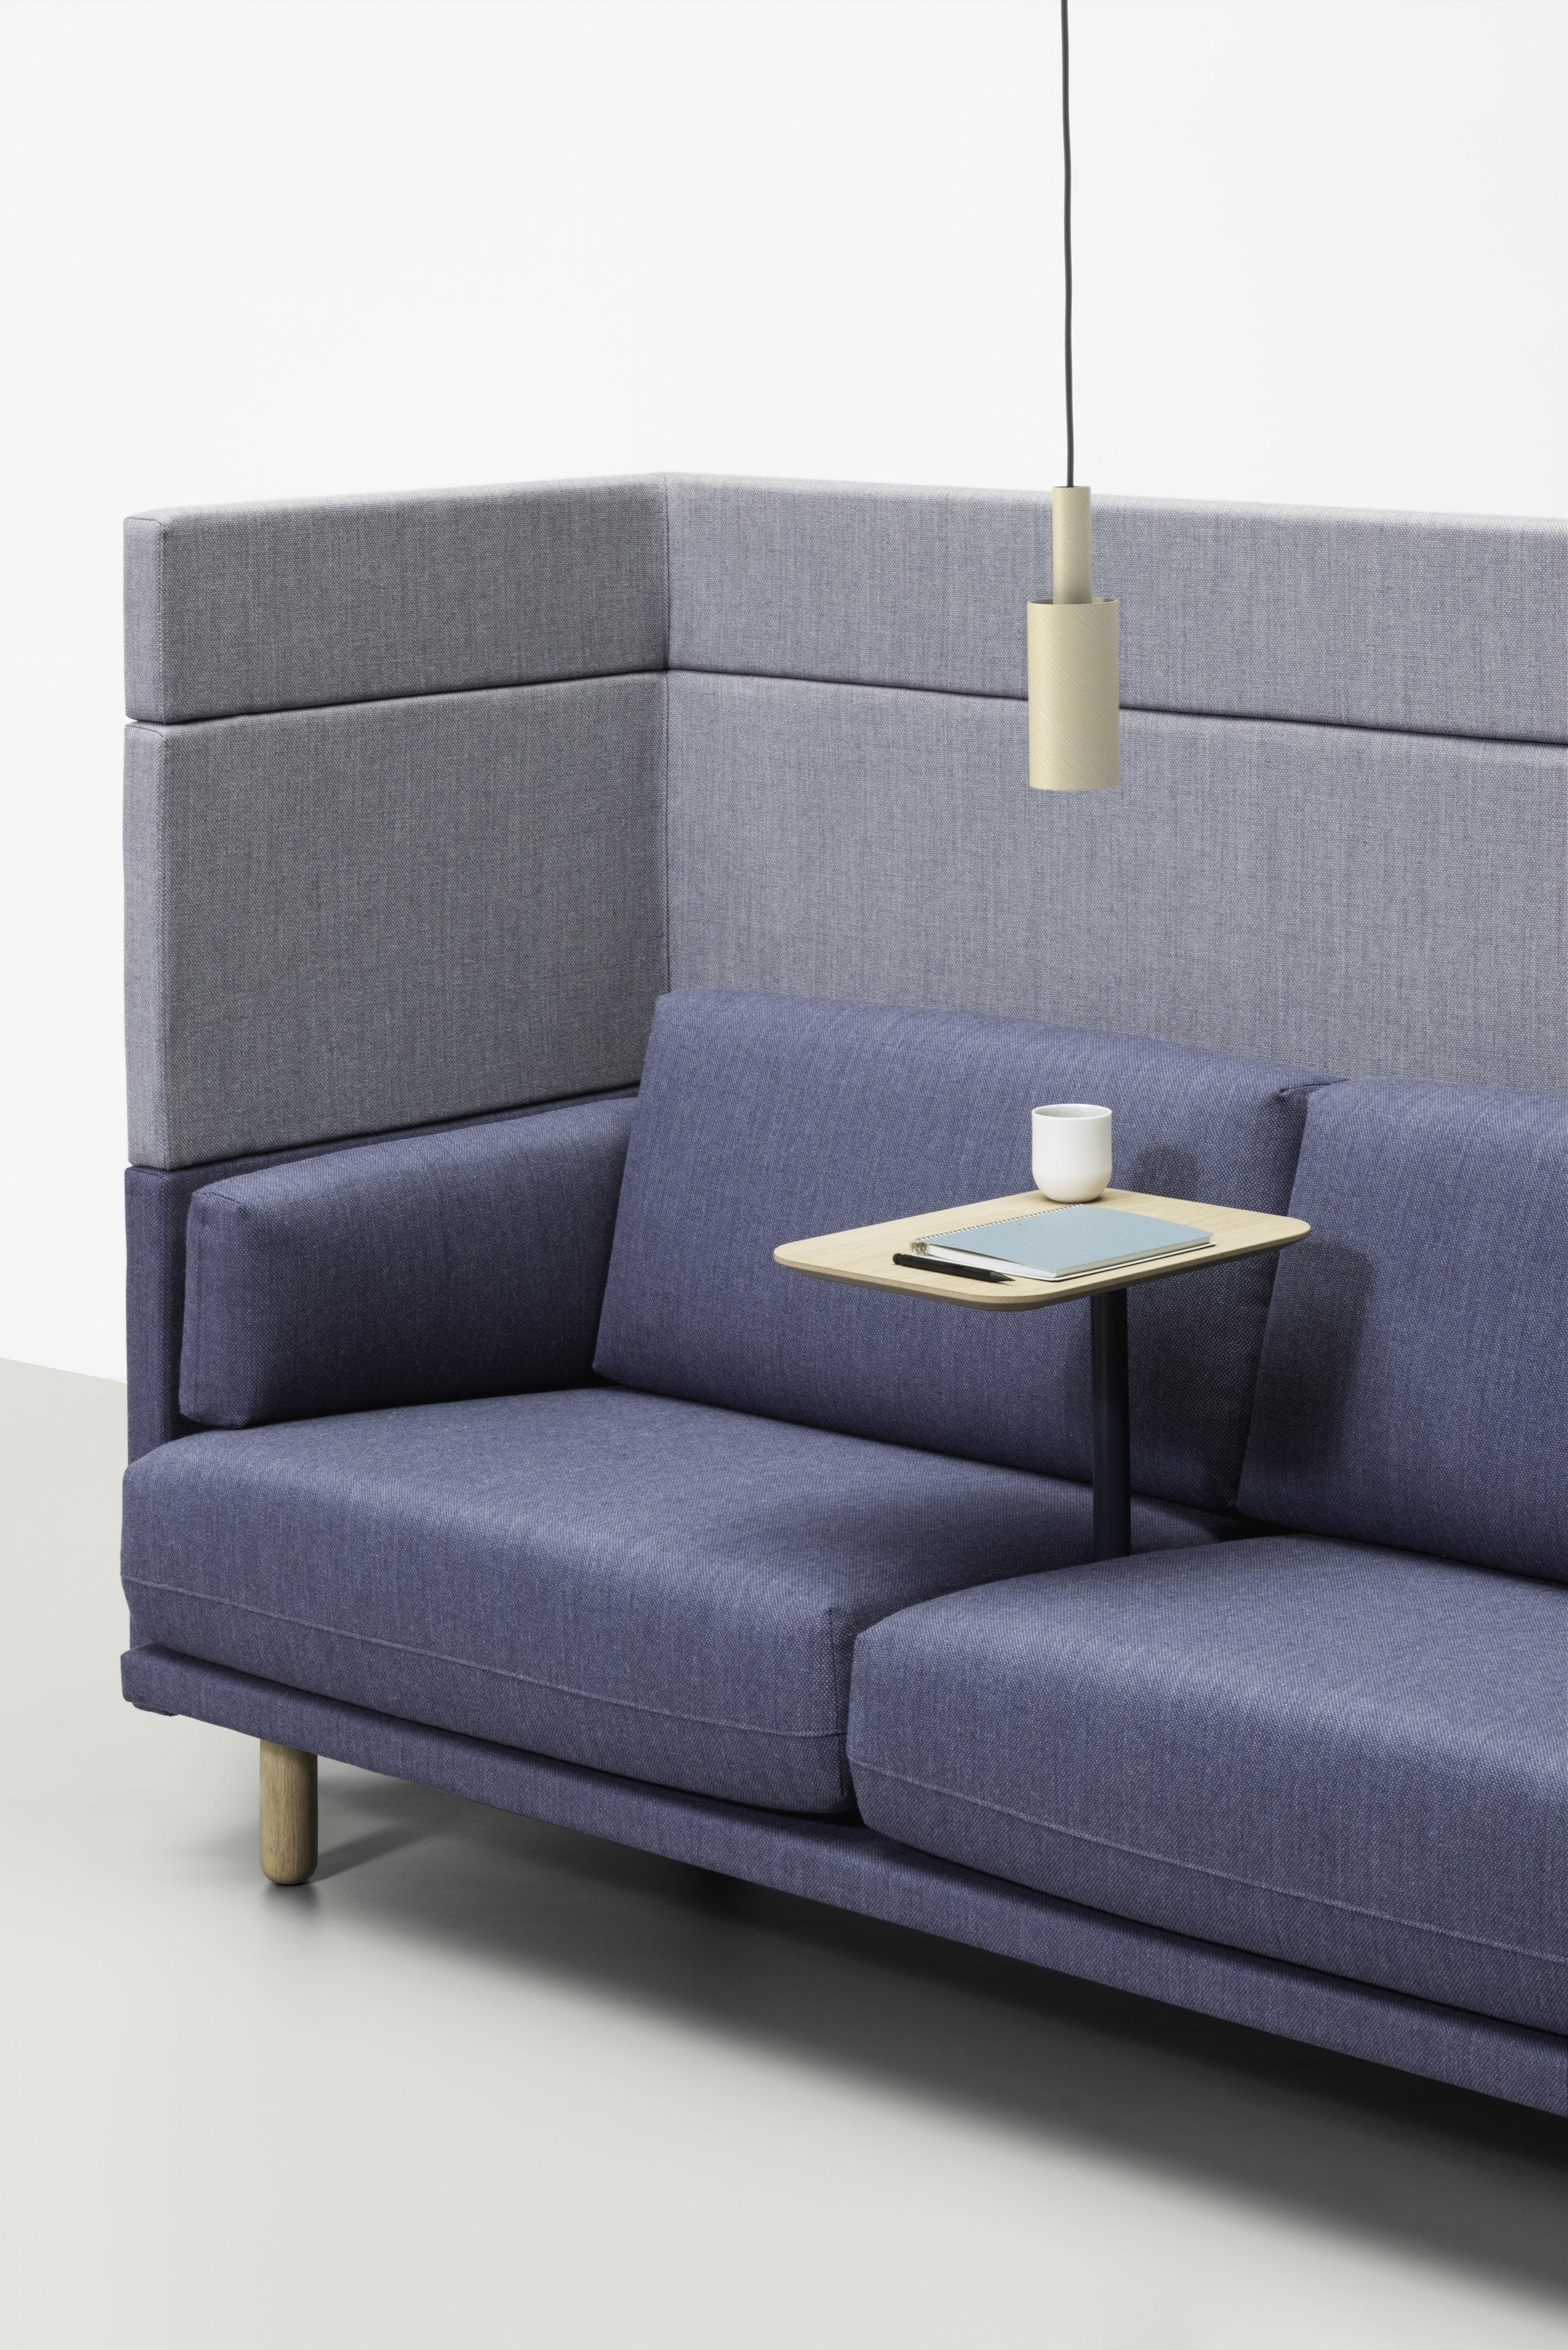 Arnhem Sofa by DeVorm